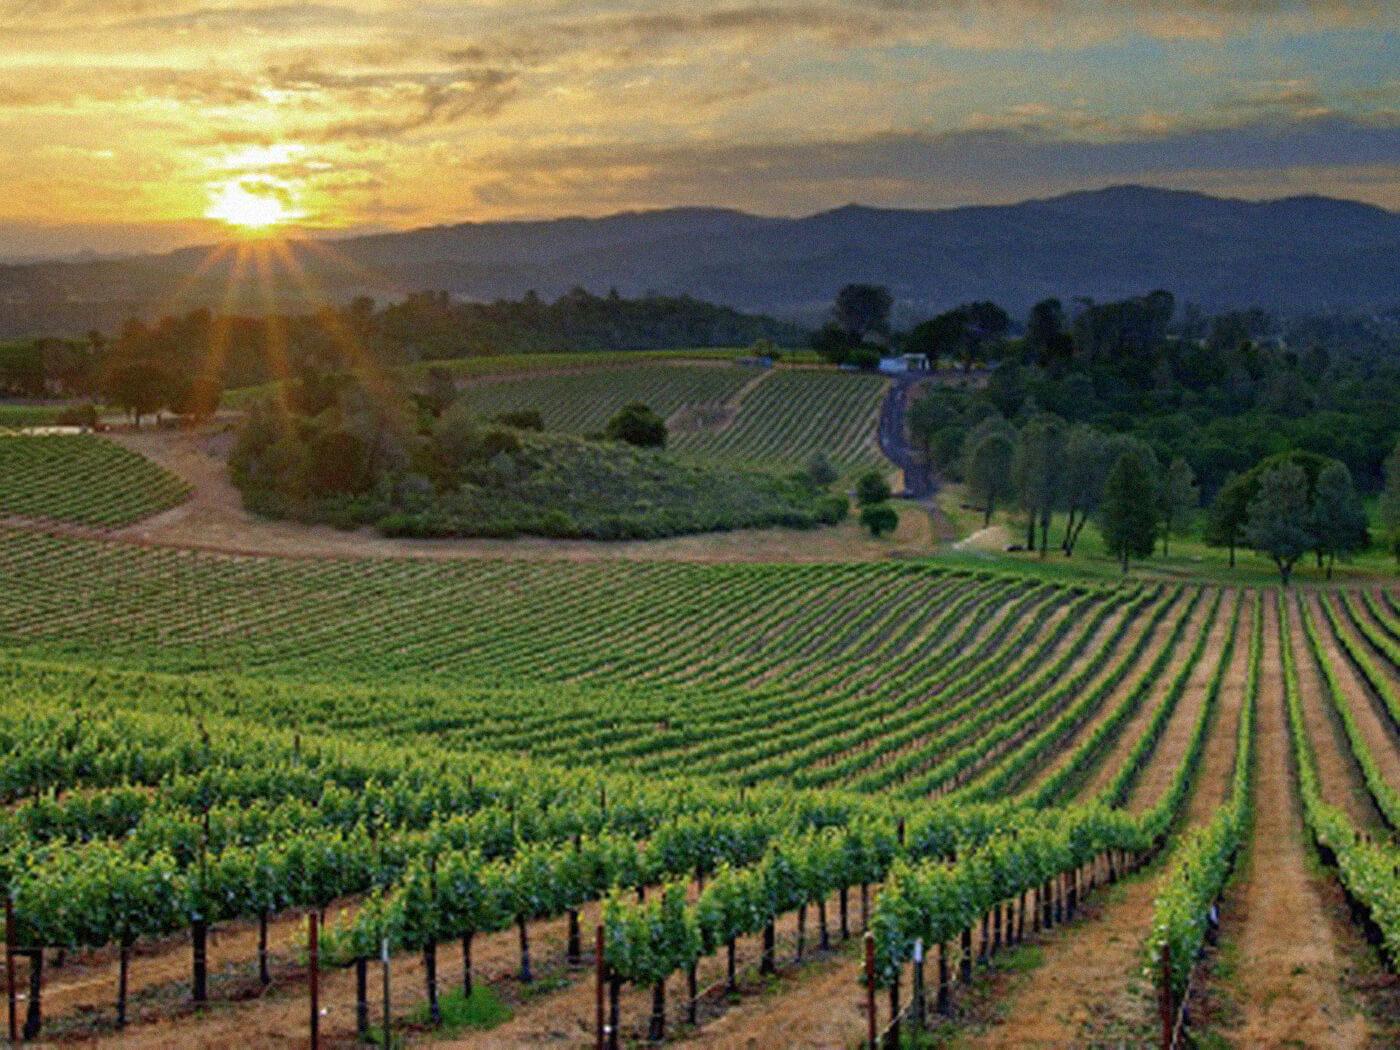 Aggelakis Winery